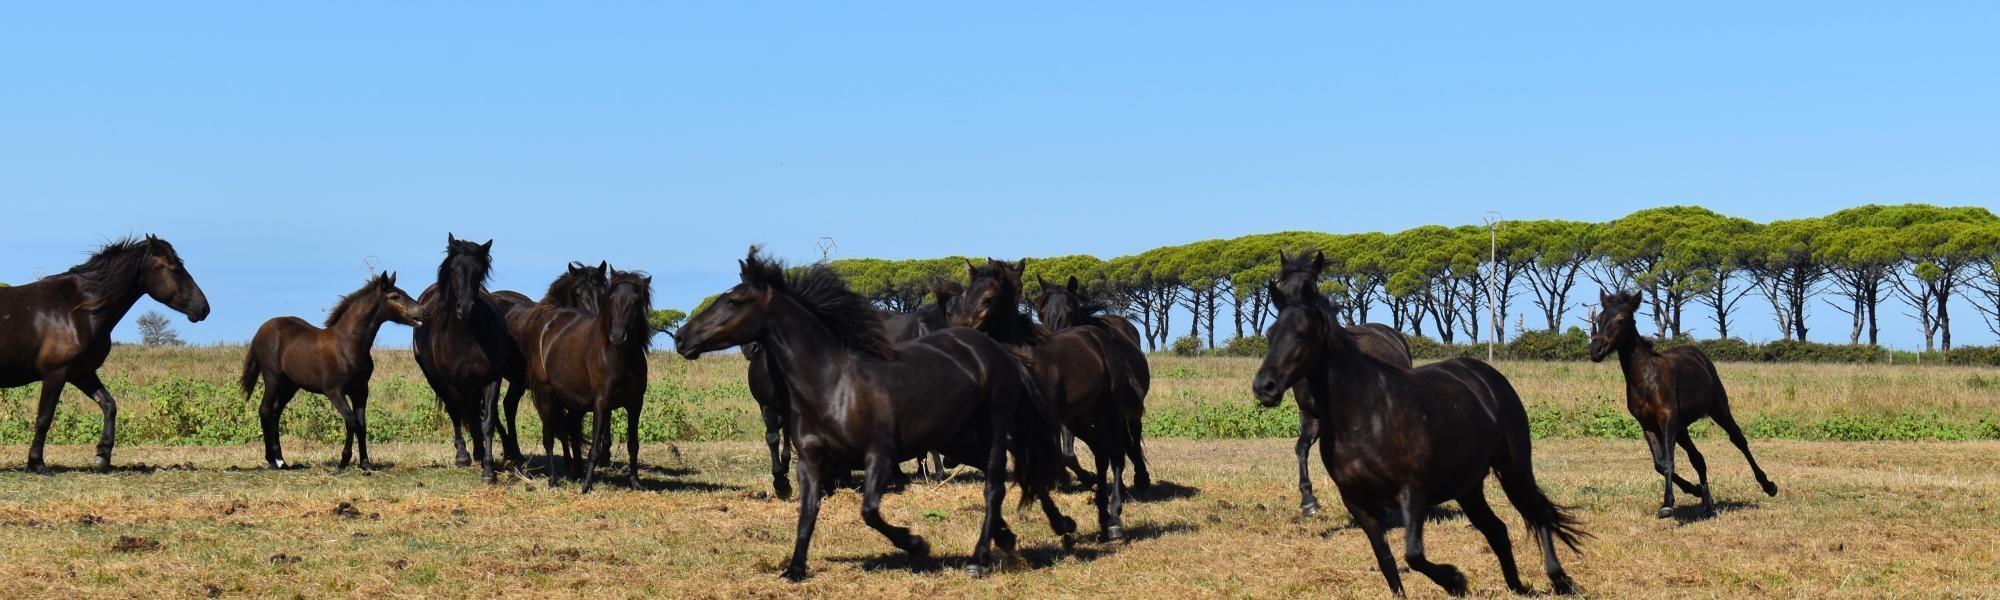 Cavalli Monterufolini al pascolo brado a San Rossore (Parco Naturale Migliarino, San Rossore, Massaciuccoli)